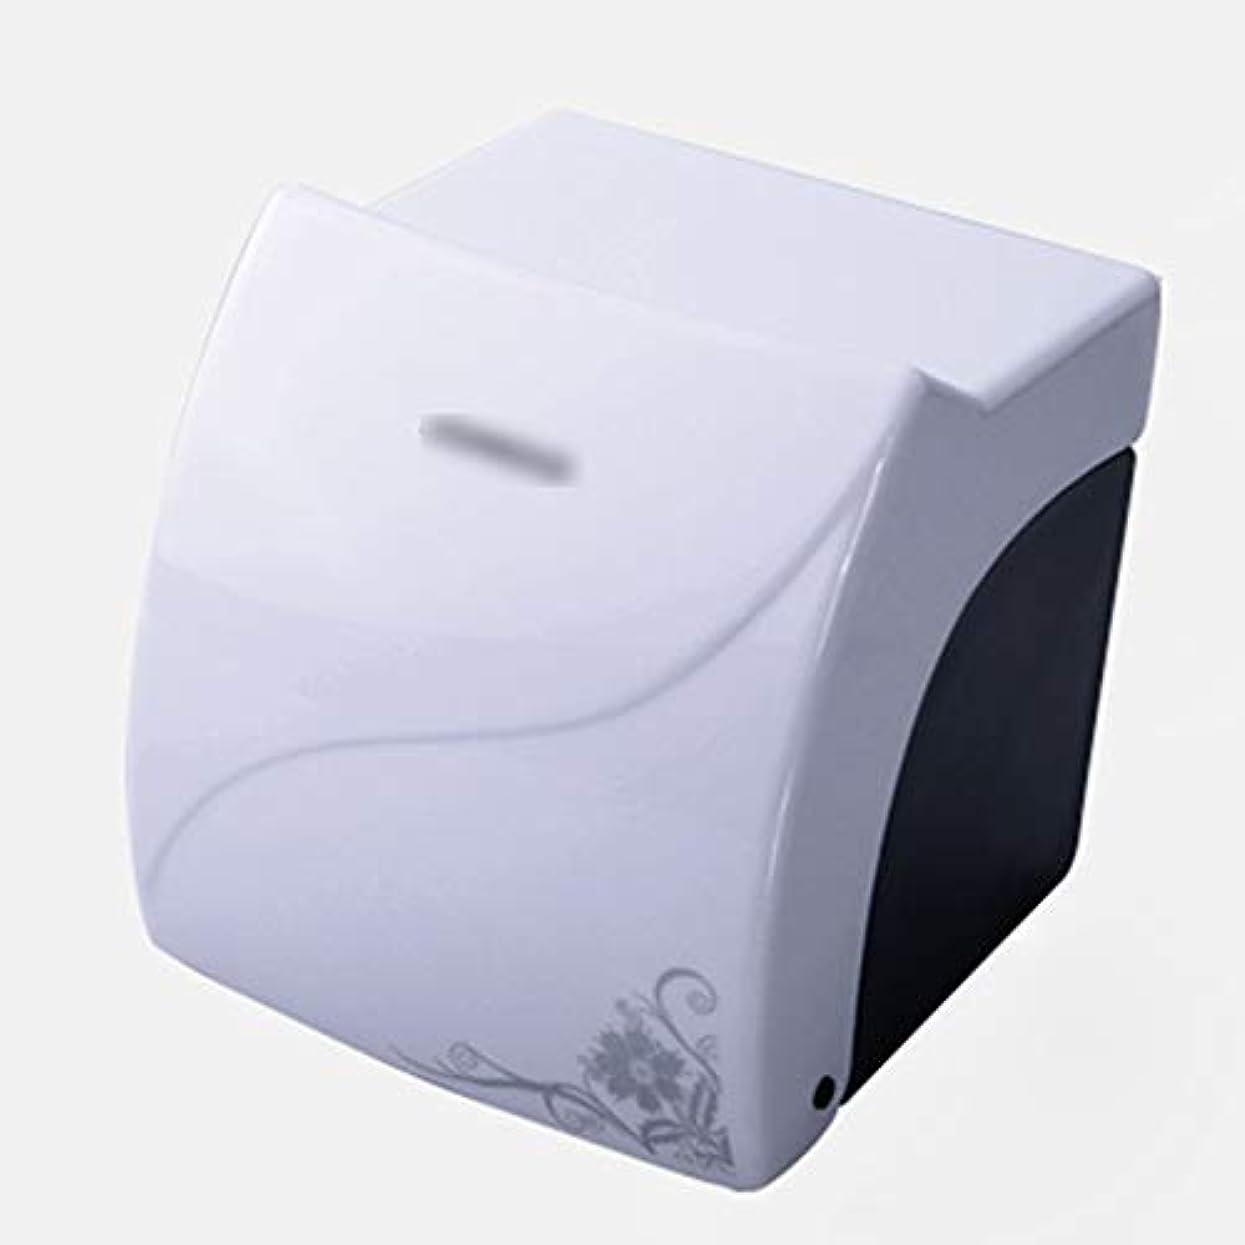 カレンダー掘る反響するZZLX 紙タオルホルダー、高品質ABS防水ティッシュボックストイレットペーパーボックスペーパーホルダー ロングハンドル風呂ブラシ